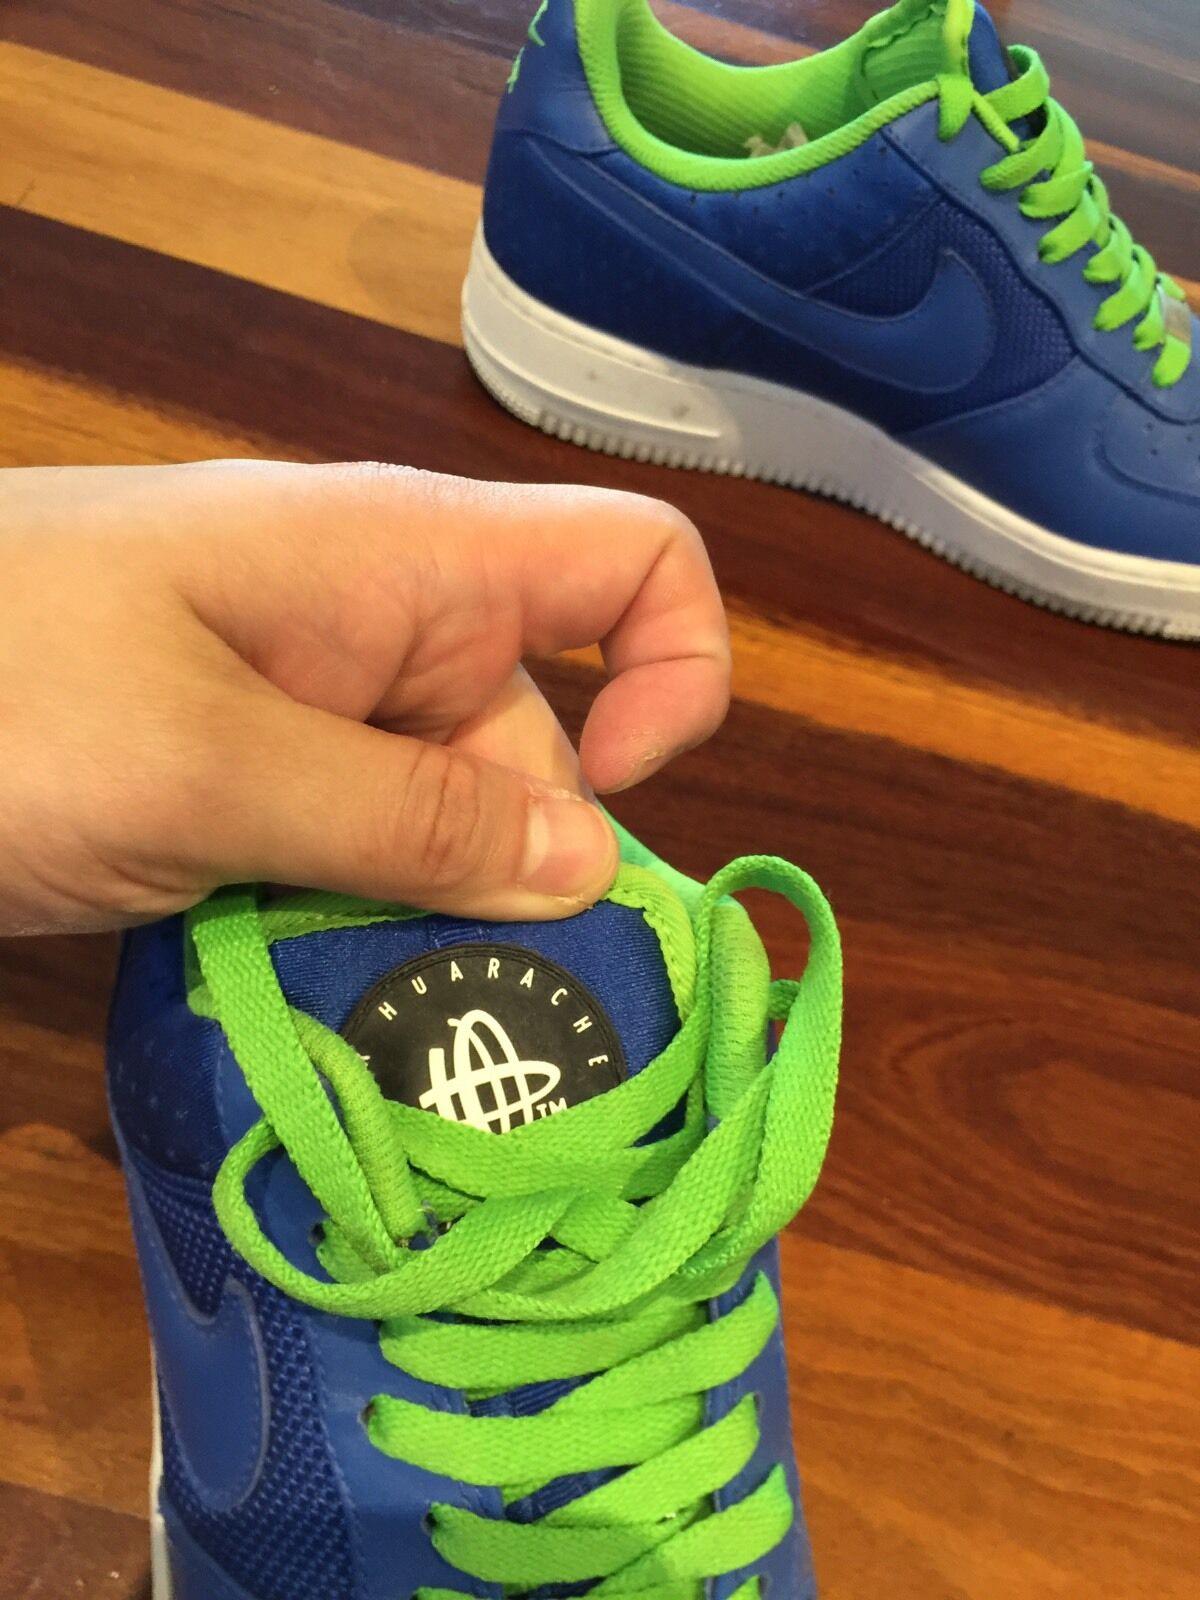 Nike Air Force 1 Limited Dimensione US9 scarpe scarpe scarpe da ginnastica 025d9f